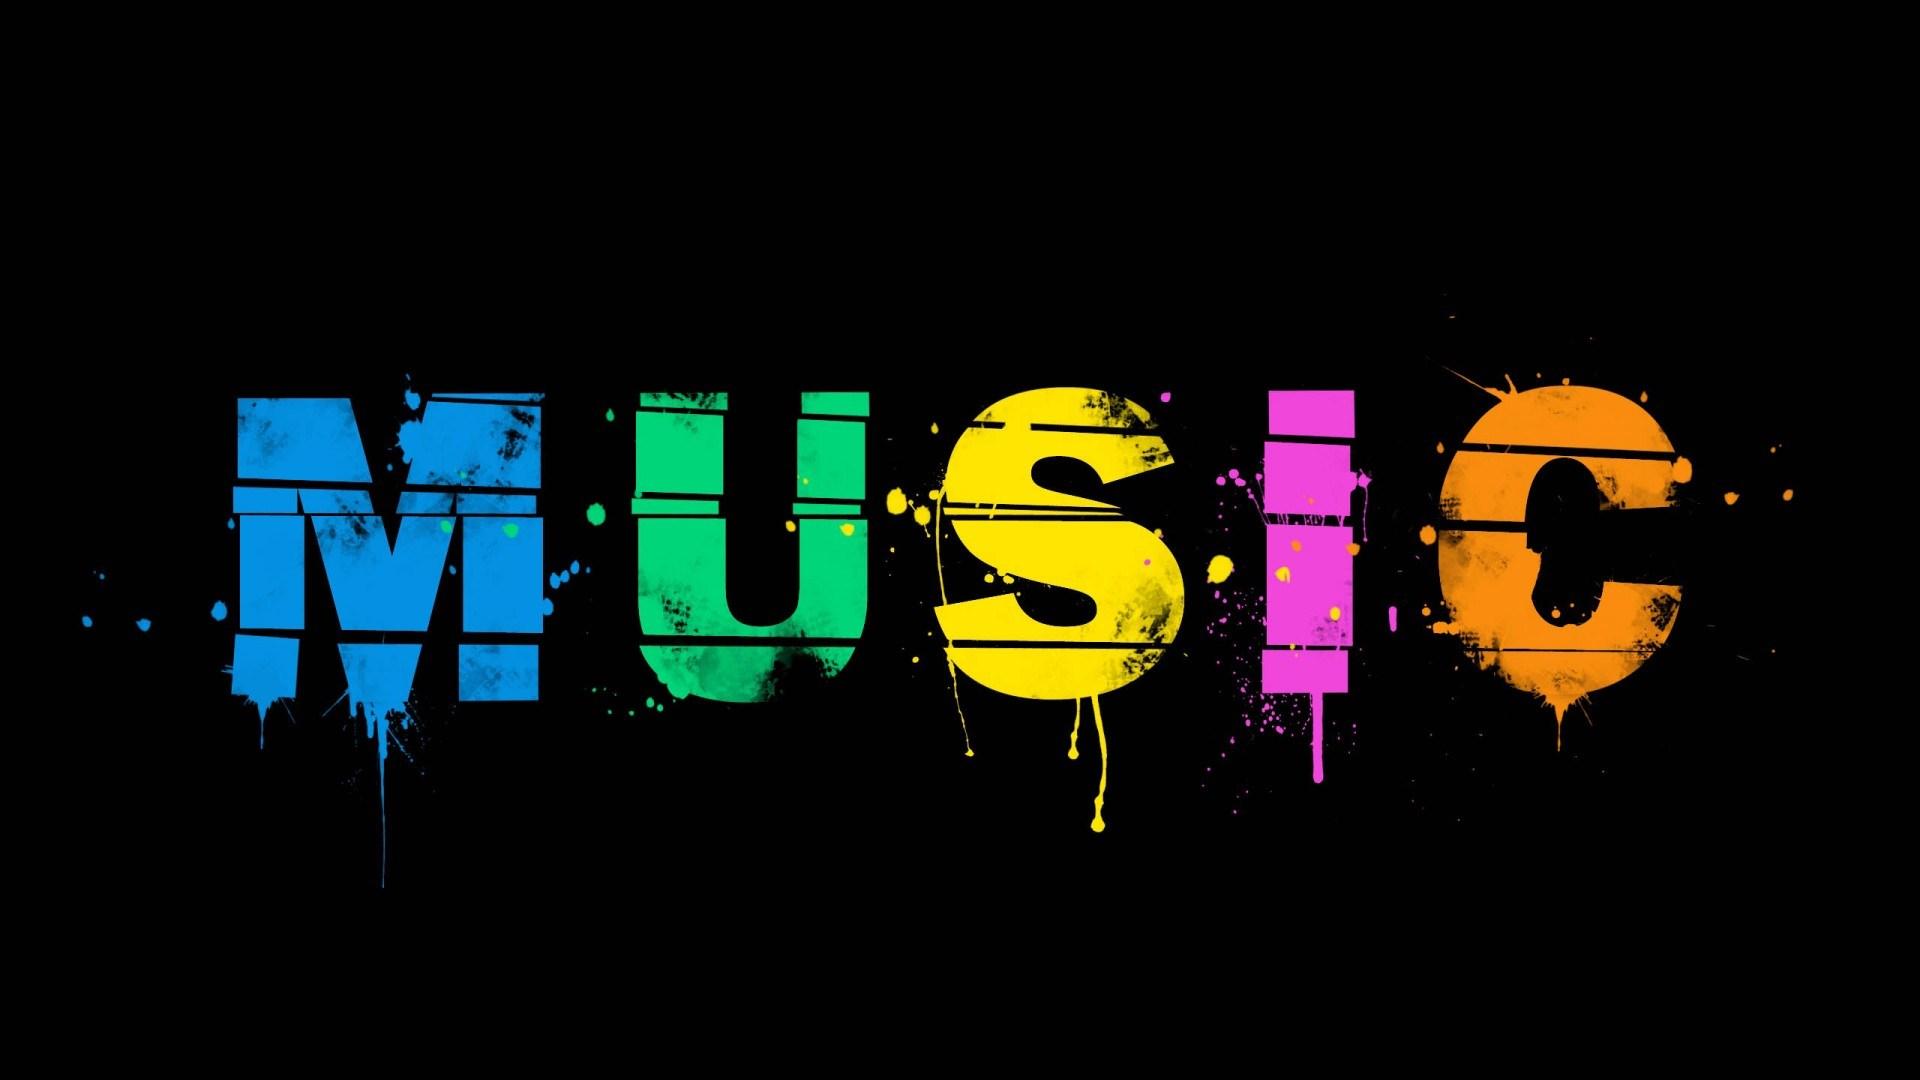 music-hi-def-image-wallpaper-wp3808442